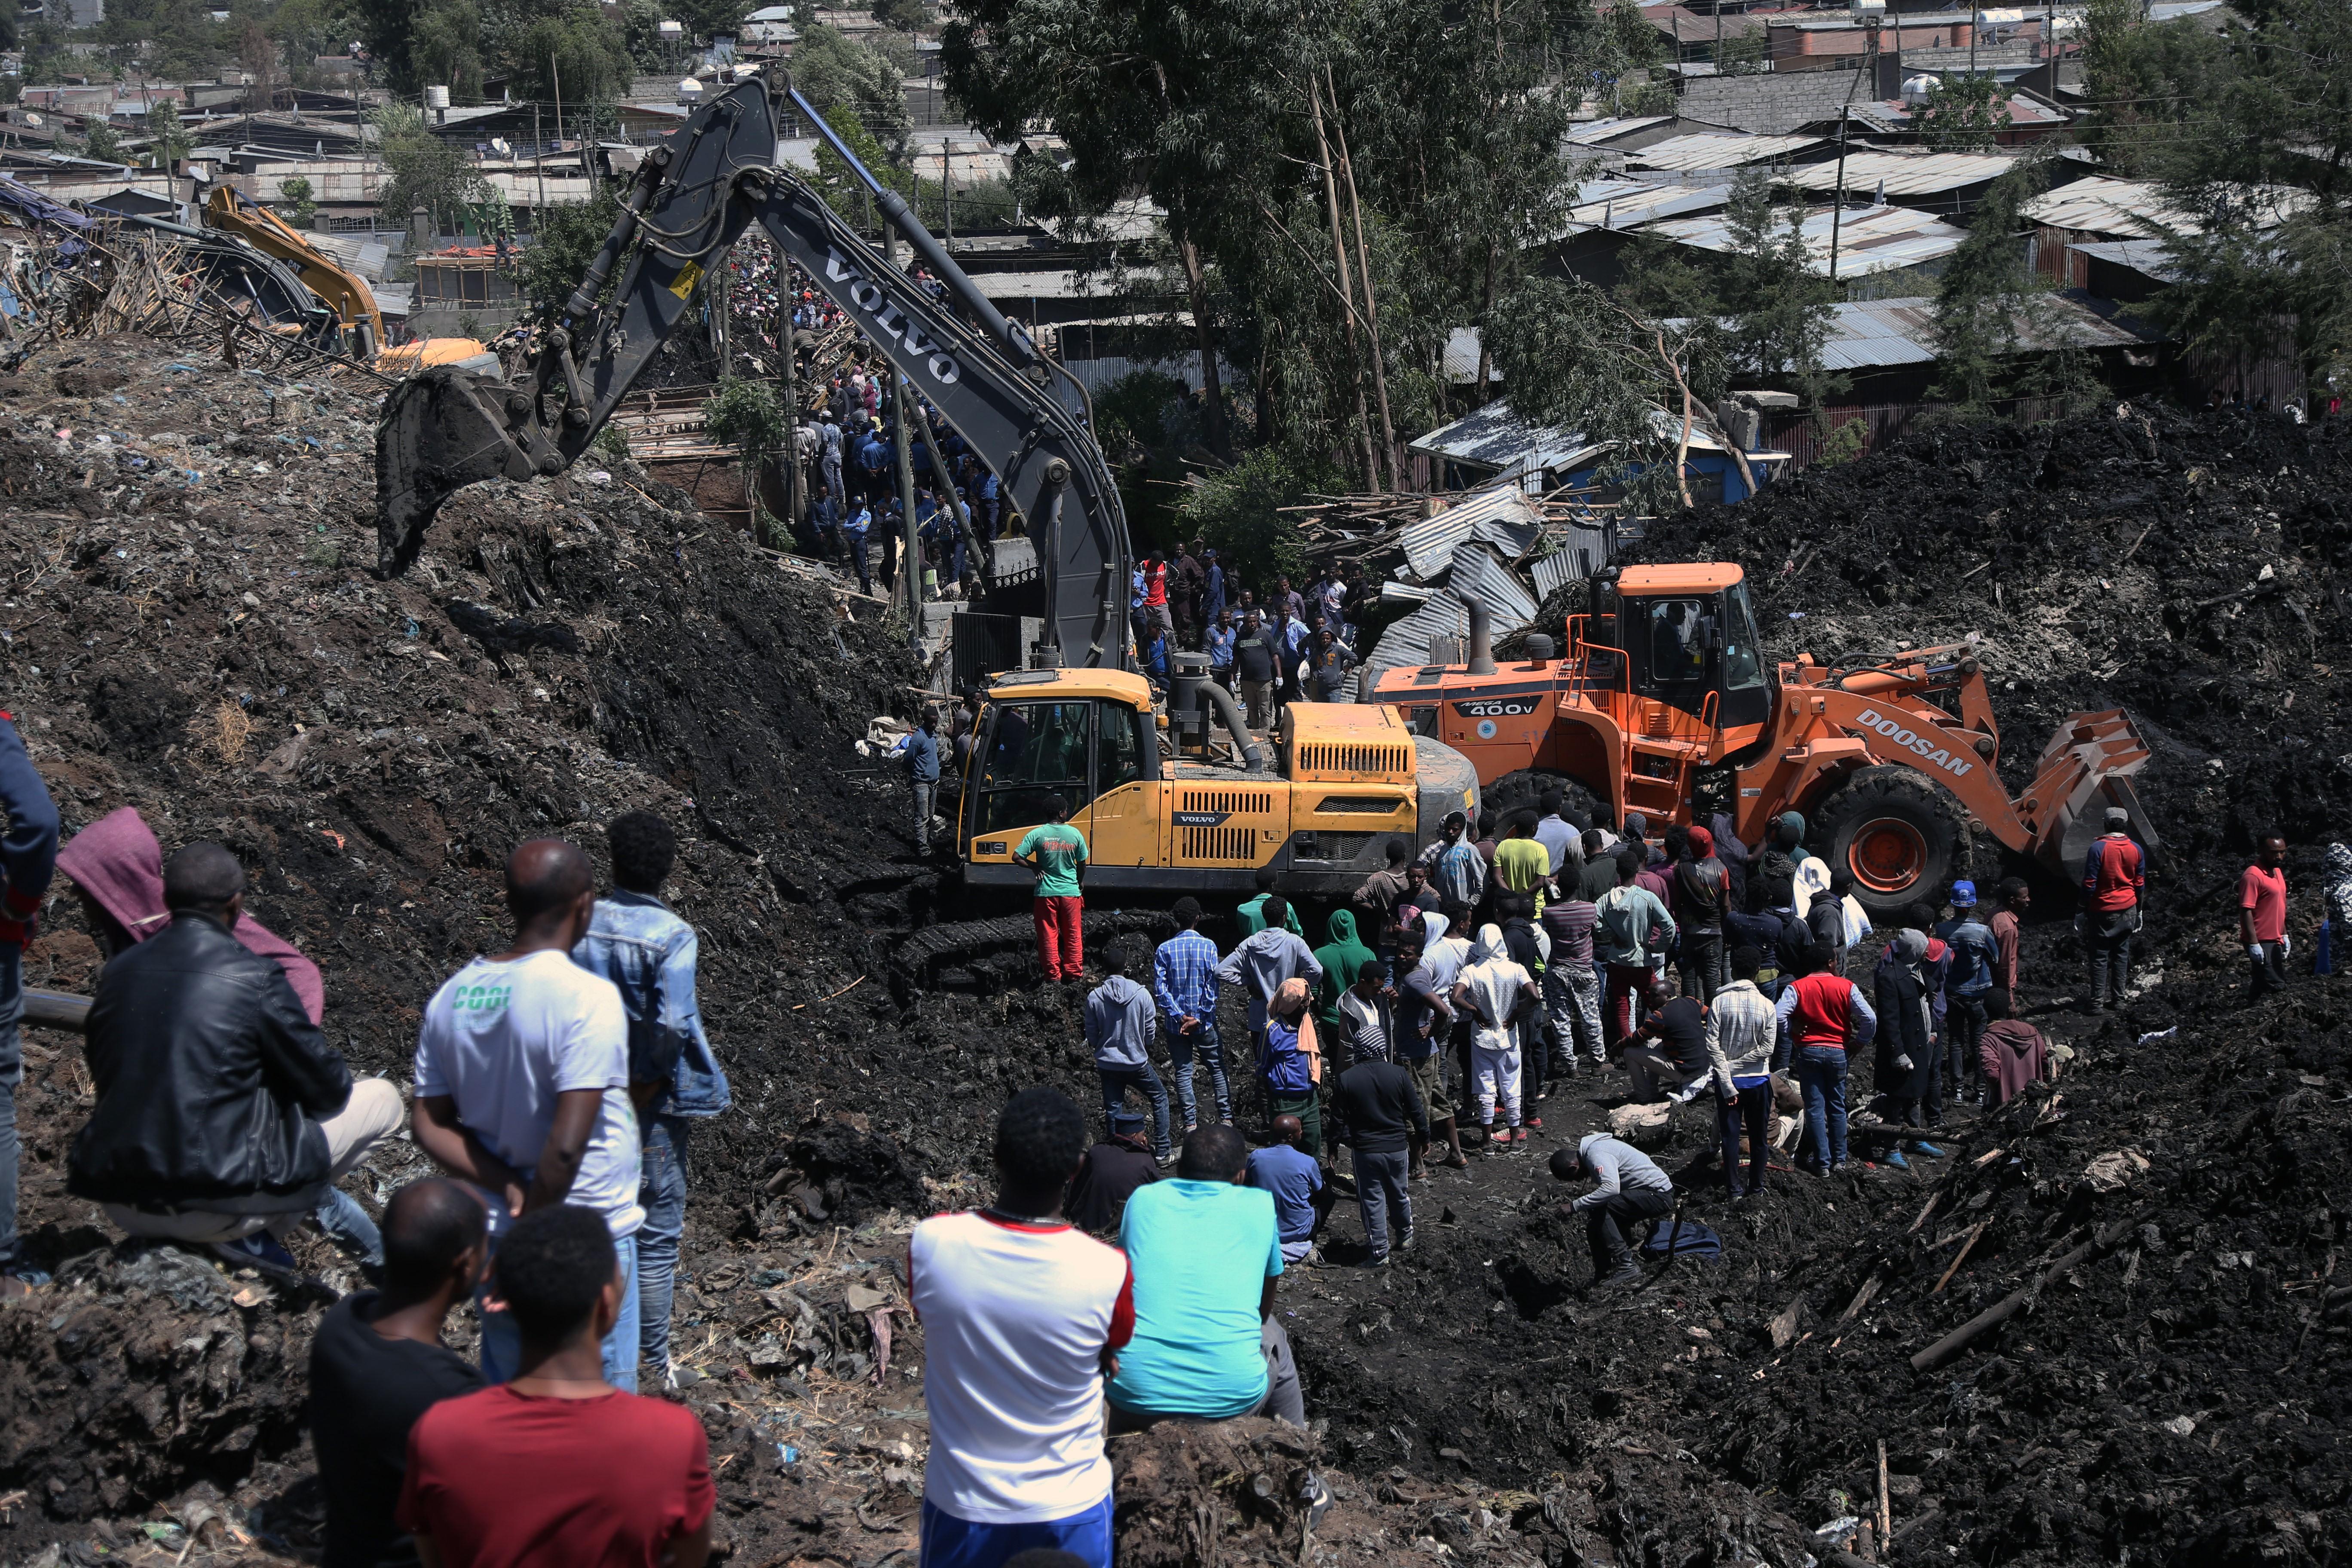 Szemétdombcsuszamlás temetett maga alá 35 embert Etiópiában